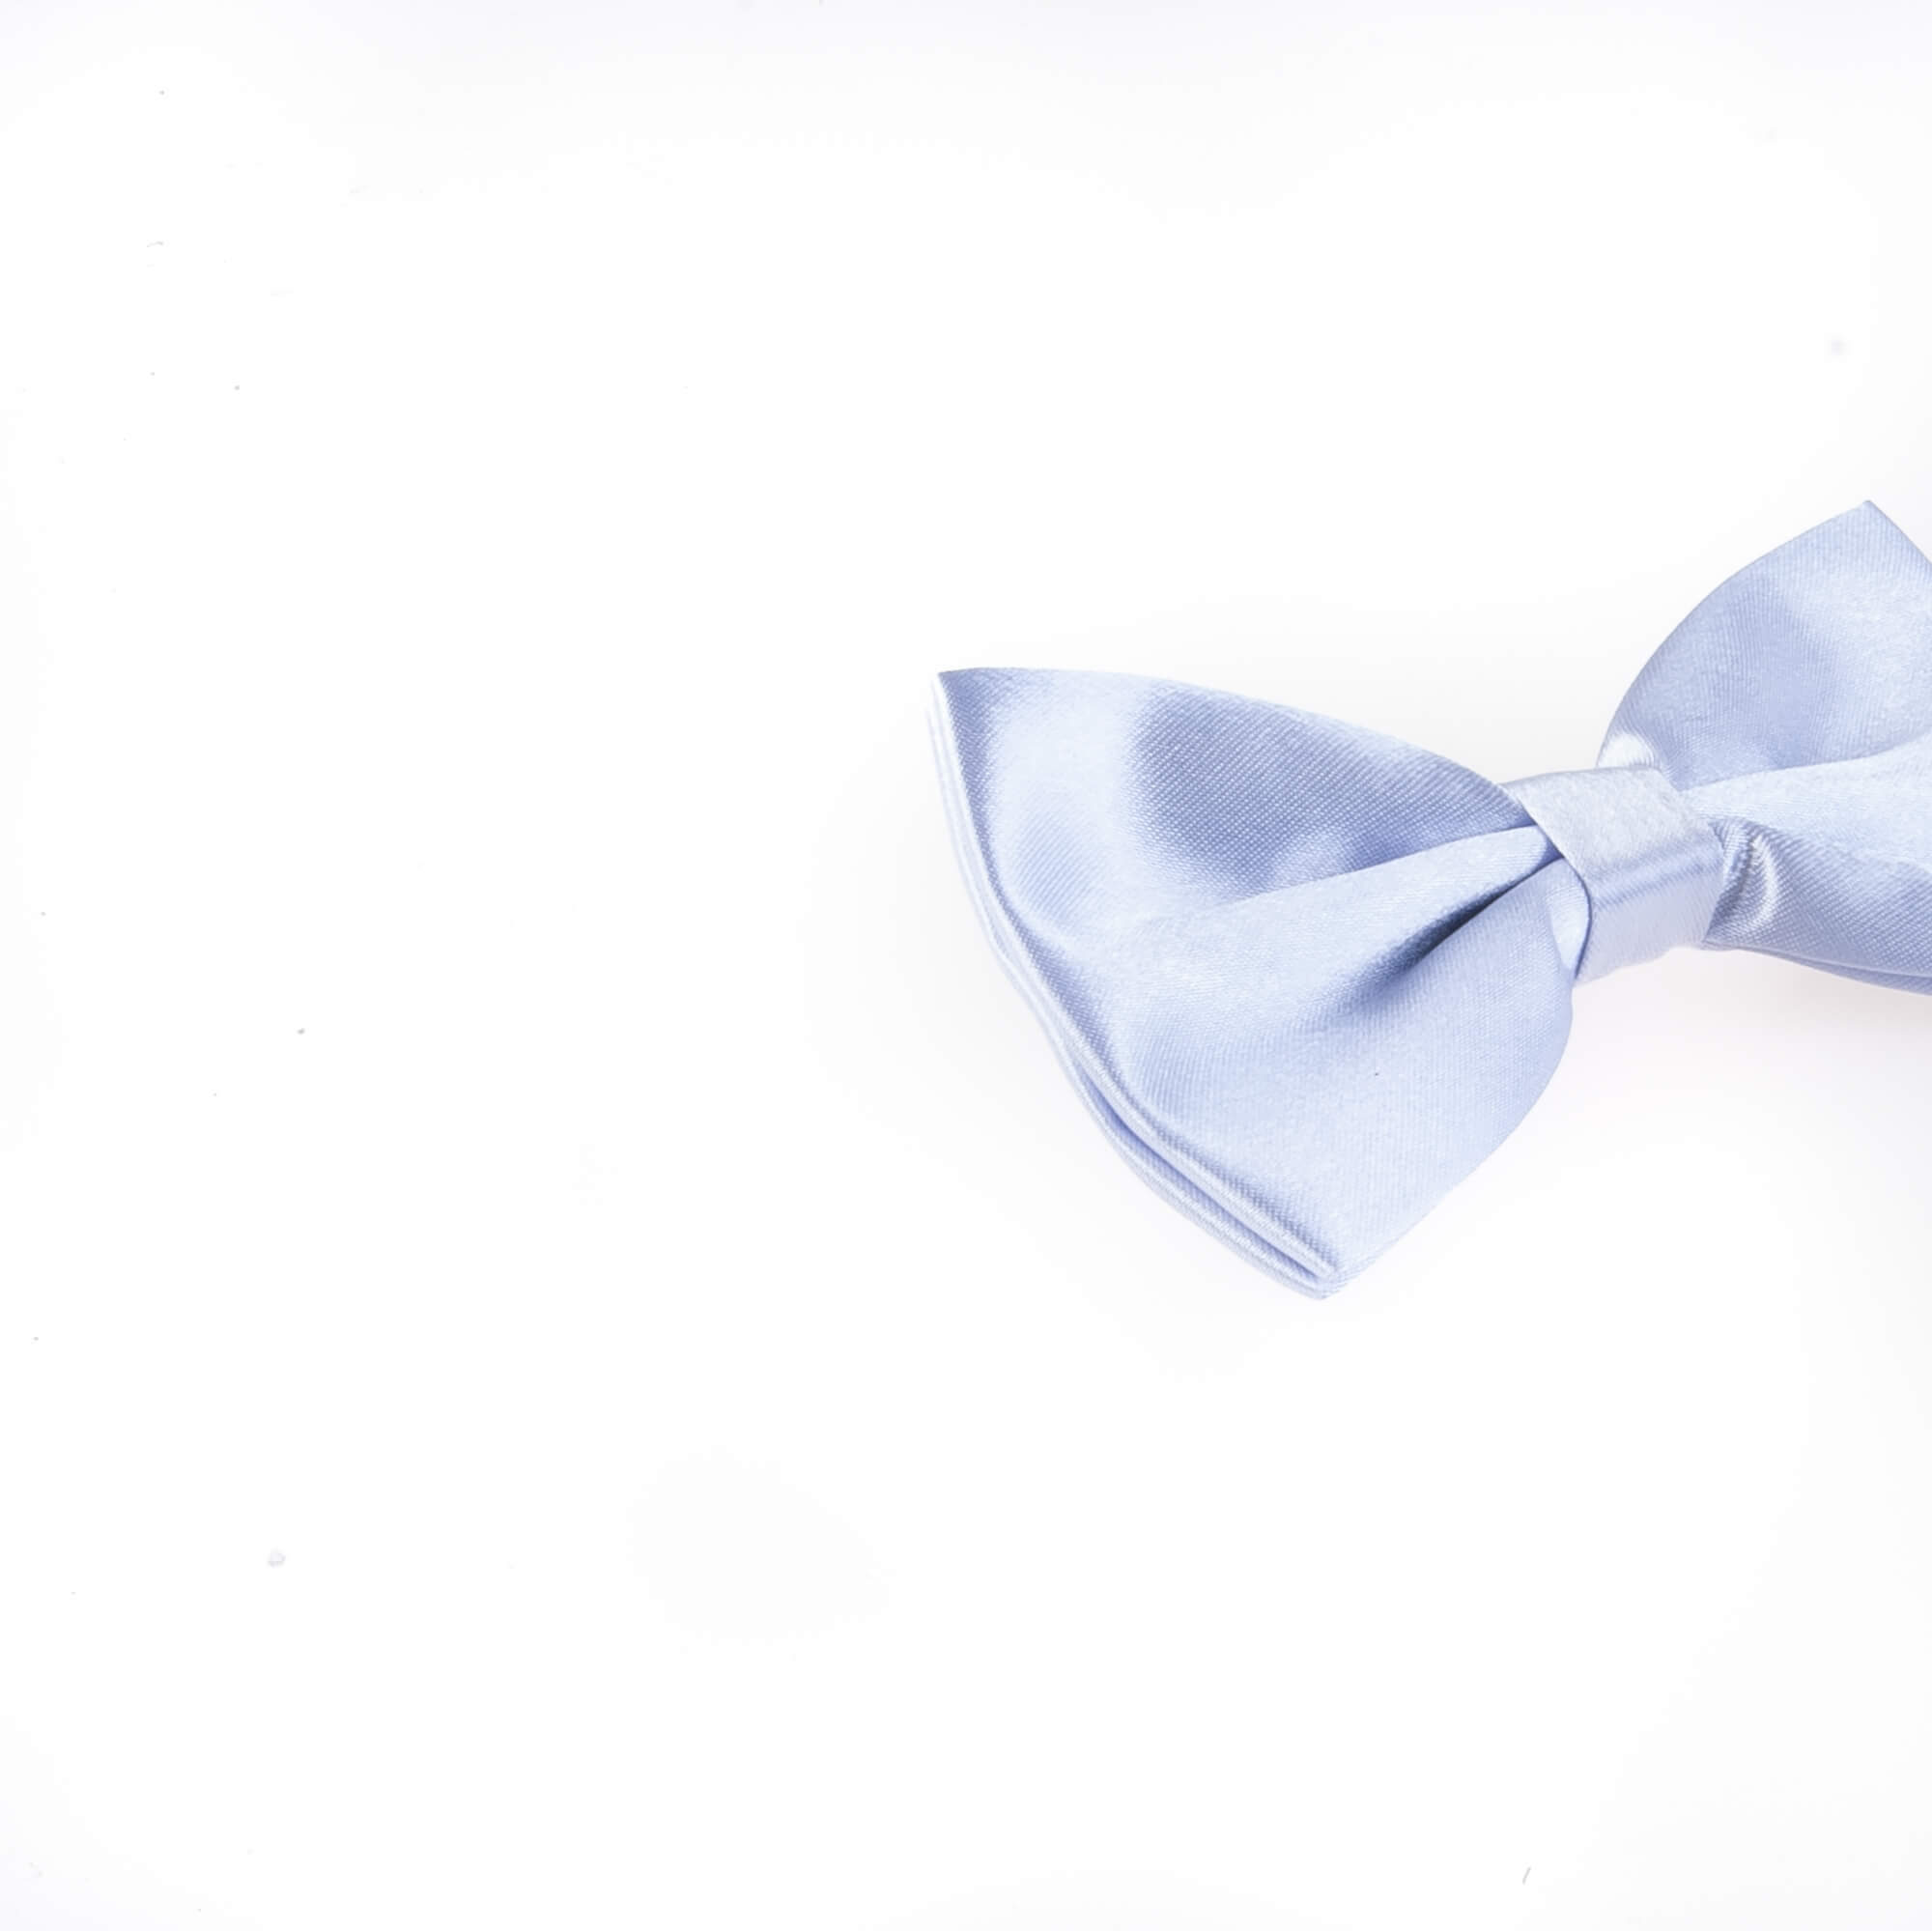 پاپیون ساده مردانه ساتن رنگ آبی BT1083